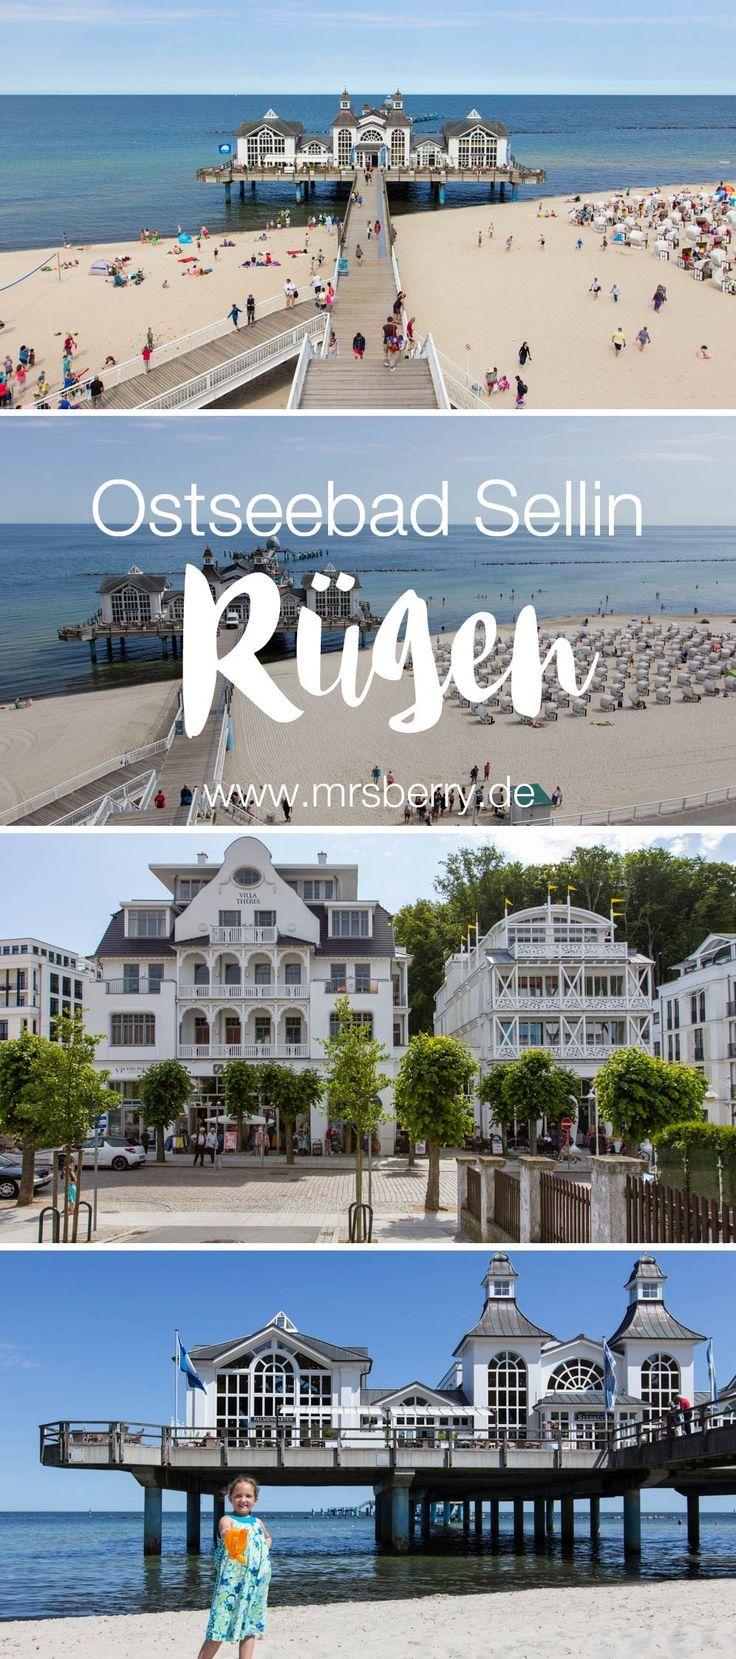 MrsBerry.de Reisetipps für deinen Ostsee Urlaub auf der Insel Rügen   Sommer. Sonne. Strand. Wer einmal auf Rügen ist darf einen Besuch im Ostseebad Sellin auf keinen Fall verpassen.   Mehr dazu >>> mrsberry.de